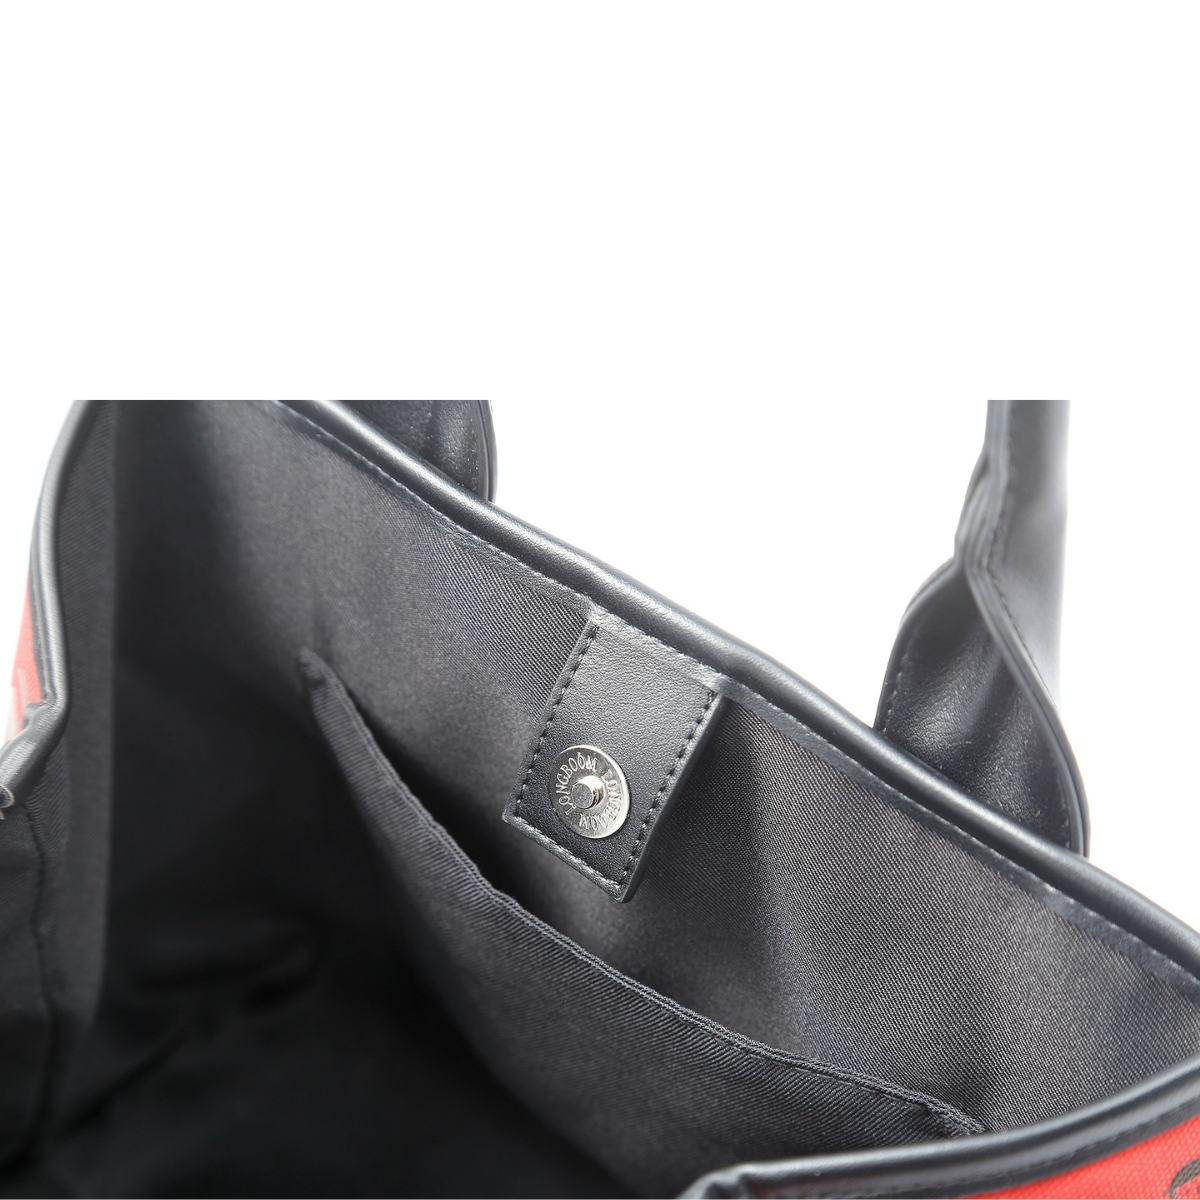 【母の日ギフト】PICONE ピッコーネ 人気ブランド 司祭柄  レディースバッグ トートバッグ ハンドバッグ 短めハンドル カジュアル 軽量